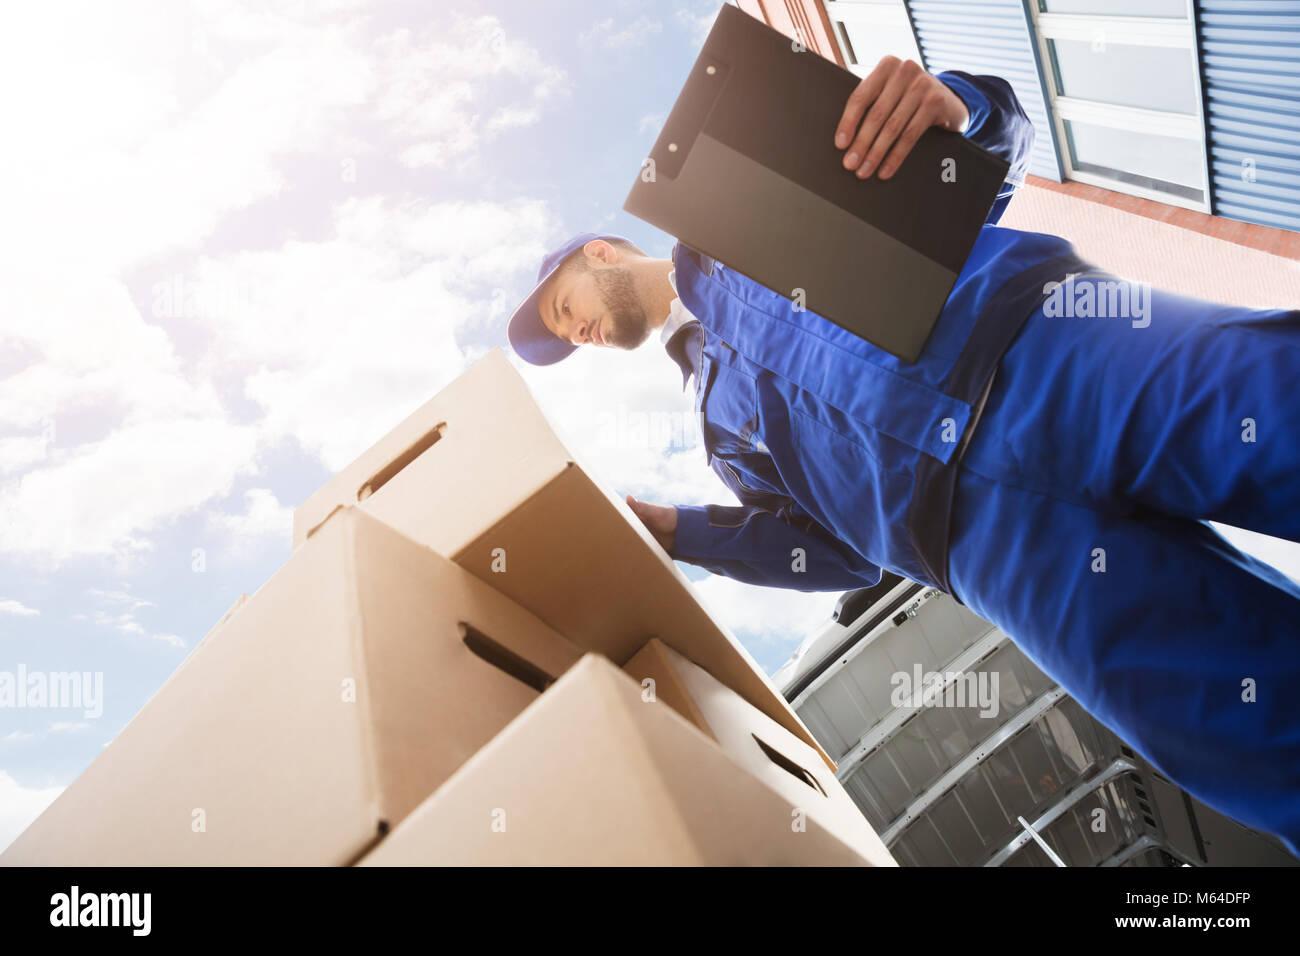 Sezione bassa del giovane lavoratore di sesso maschile in piedi vicino alla scatola di cartone Holding negli appunti Immagini Stock